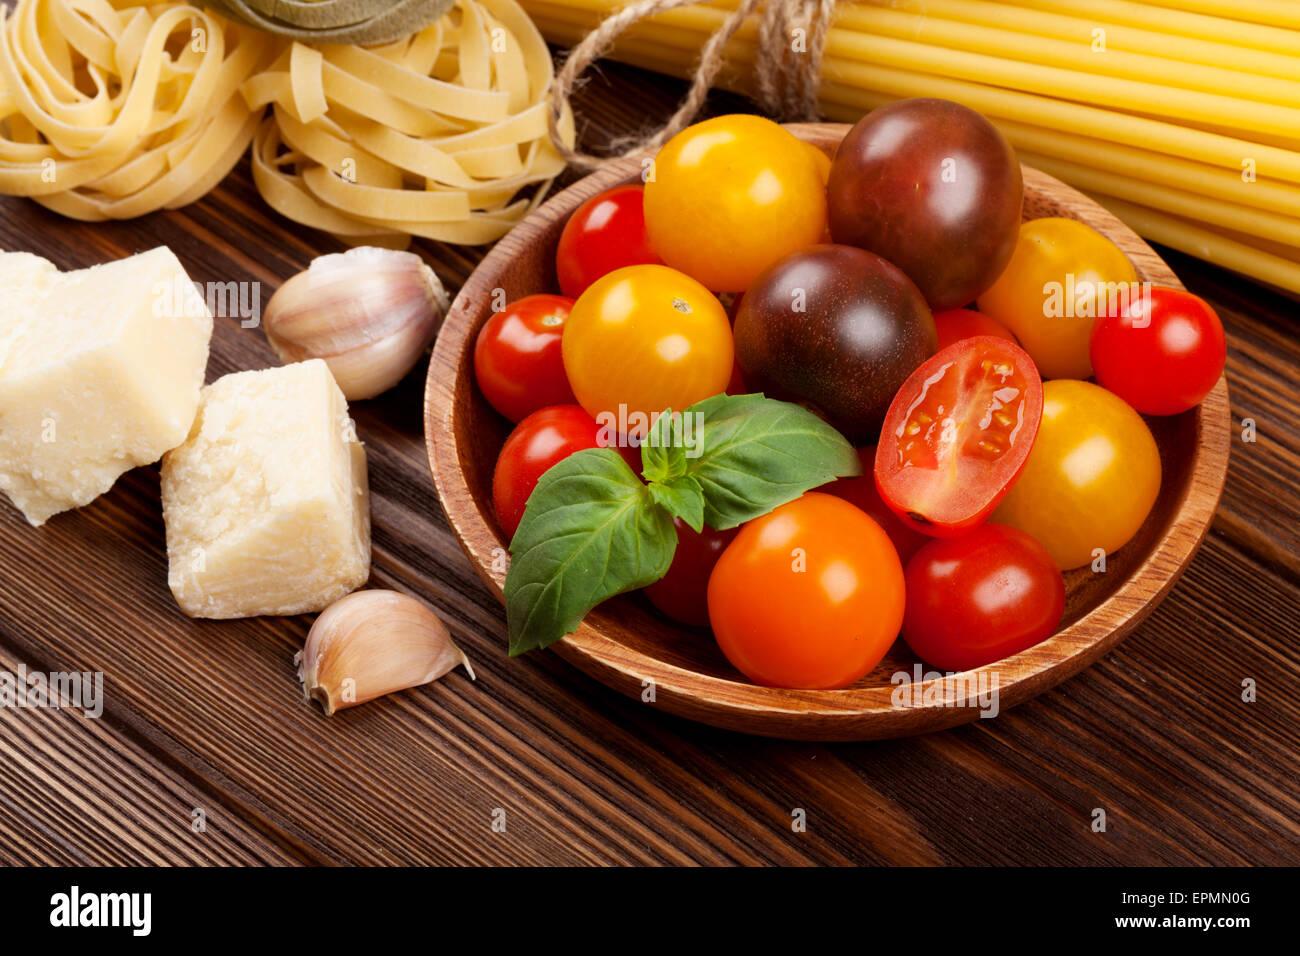 Ingrédients de cuisine italienne. Pâtes, légumes, épices Photo Stock